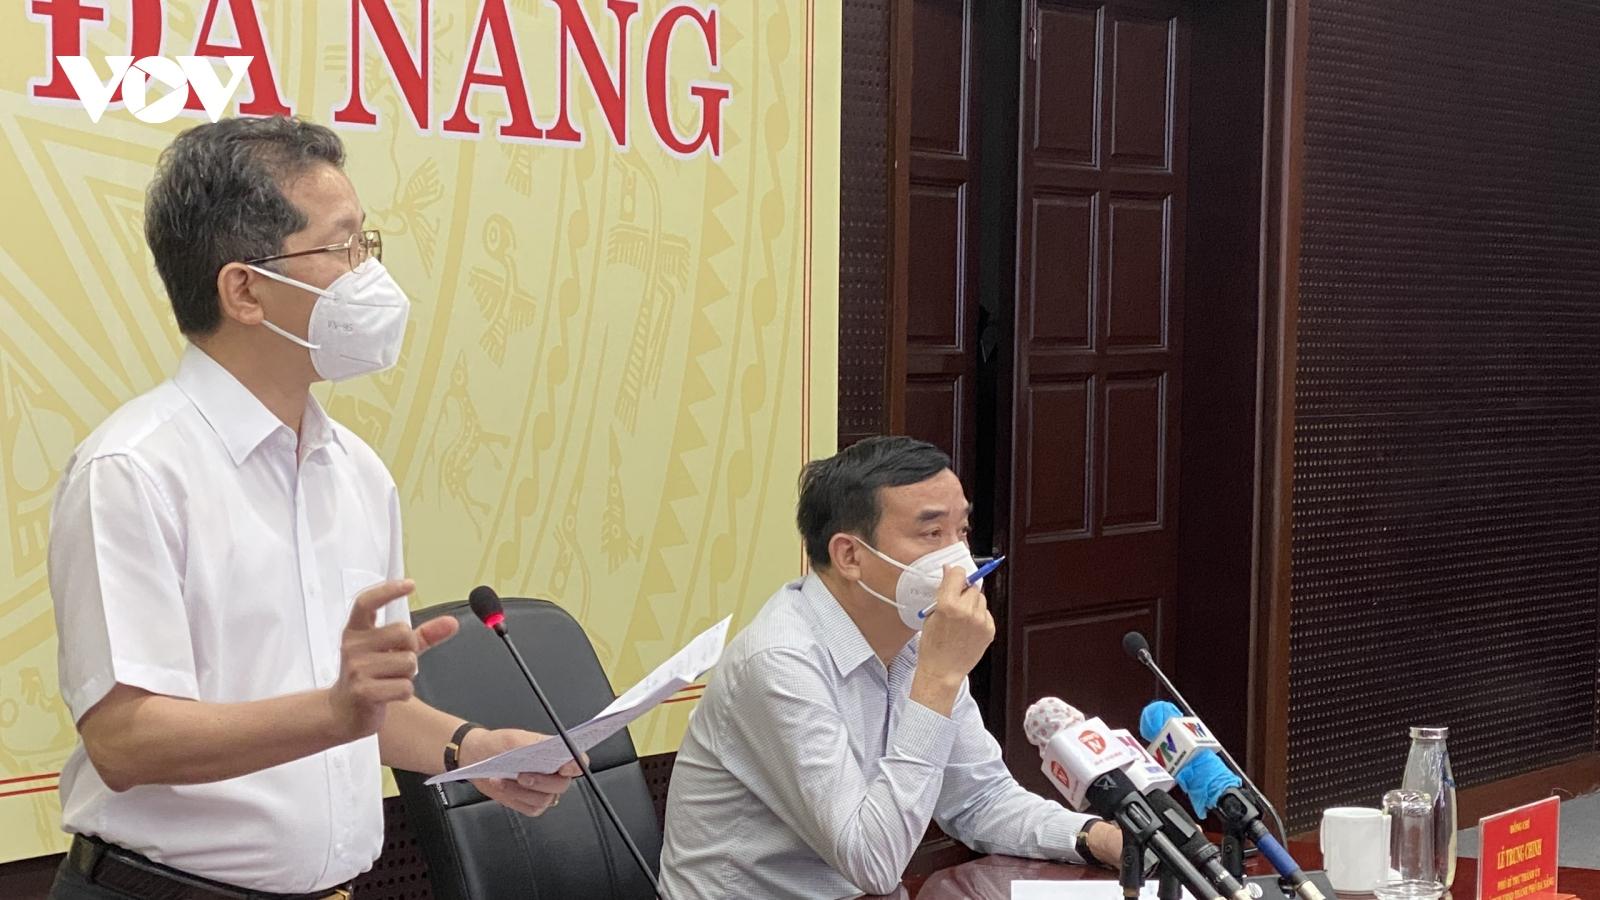 Bí thư Đà Nẵng nhắc ngành y tế sớm tham mưu thực hiện việc phân loại và khoanh vùng